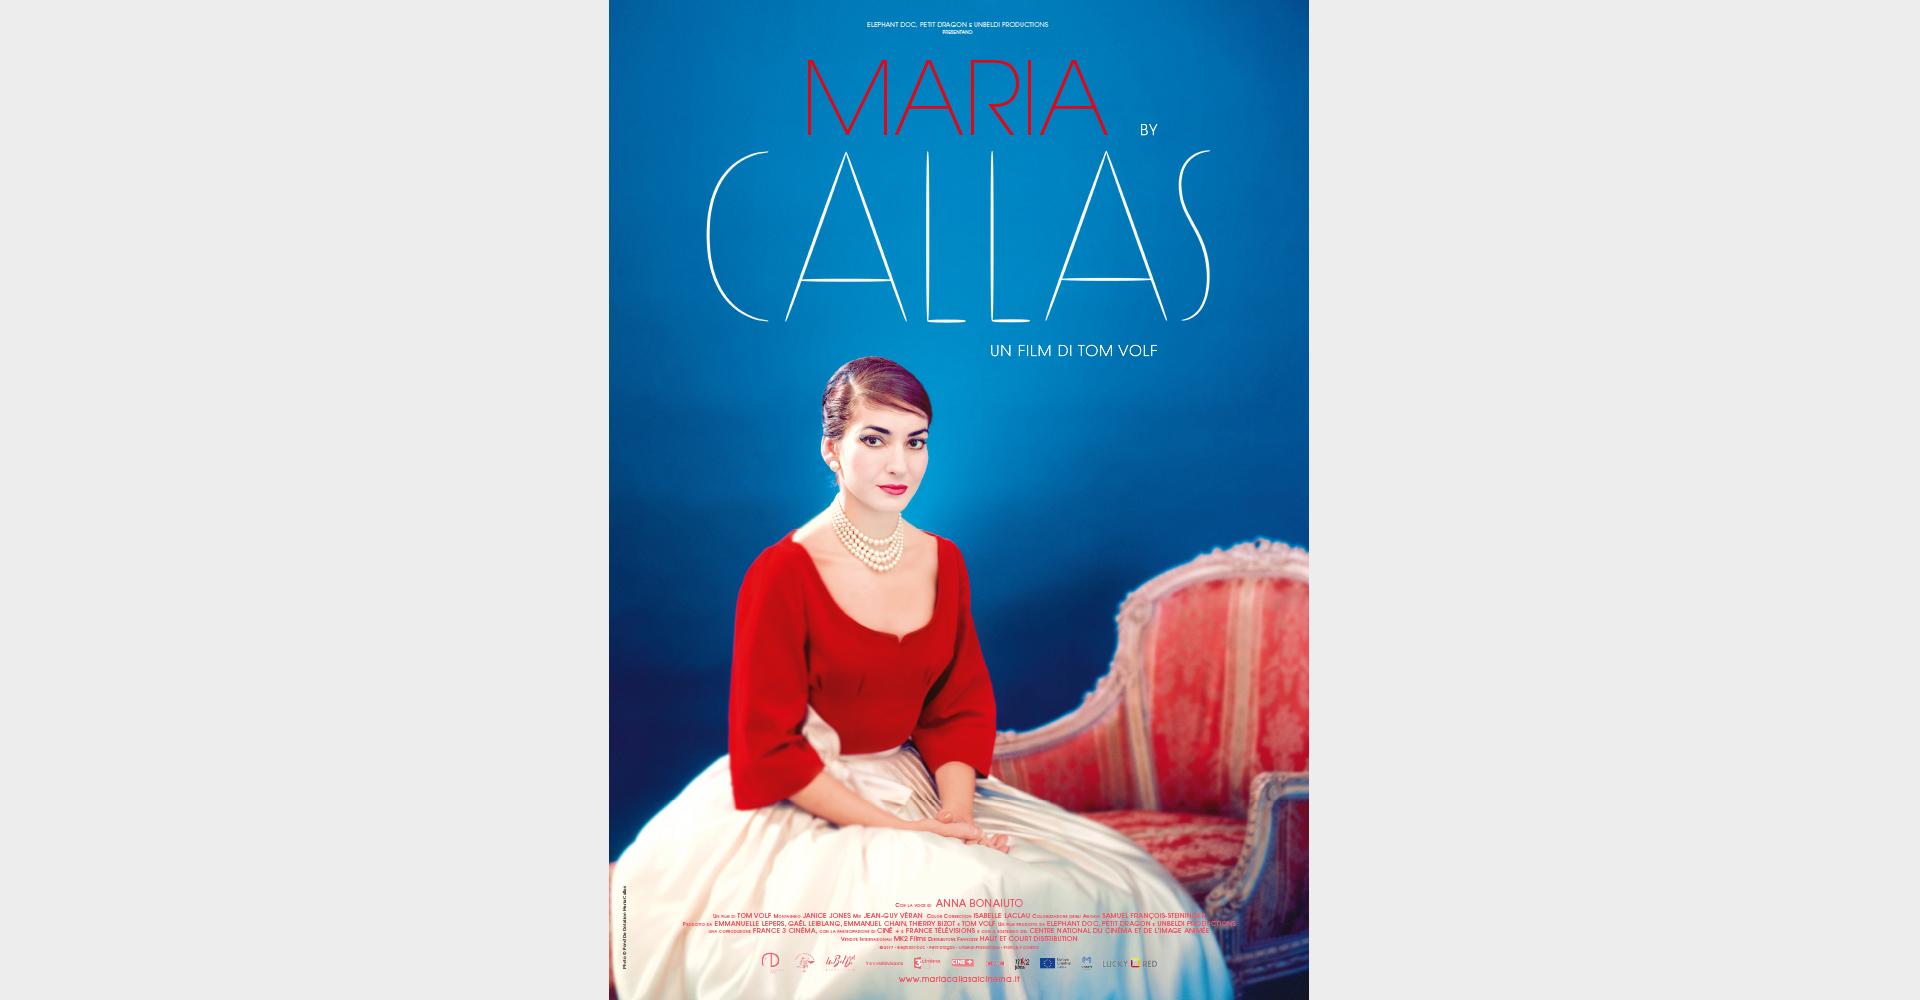 Callas_Behance_08